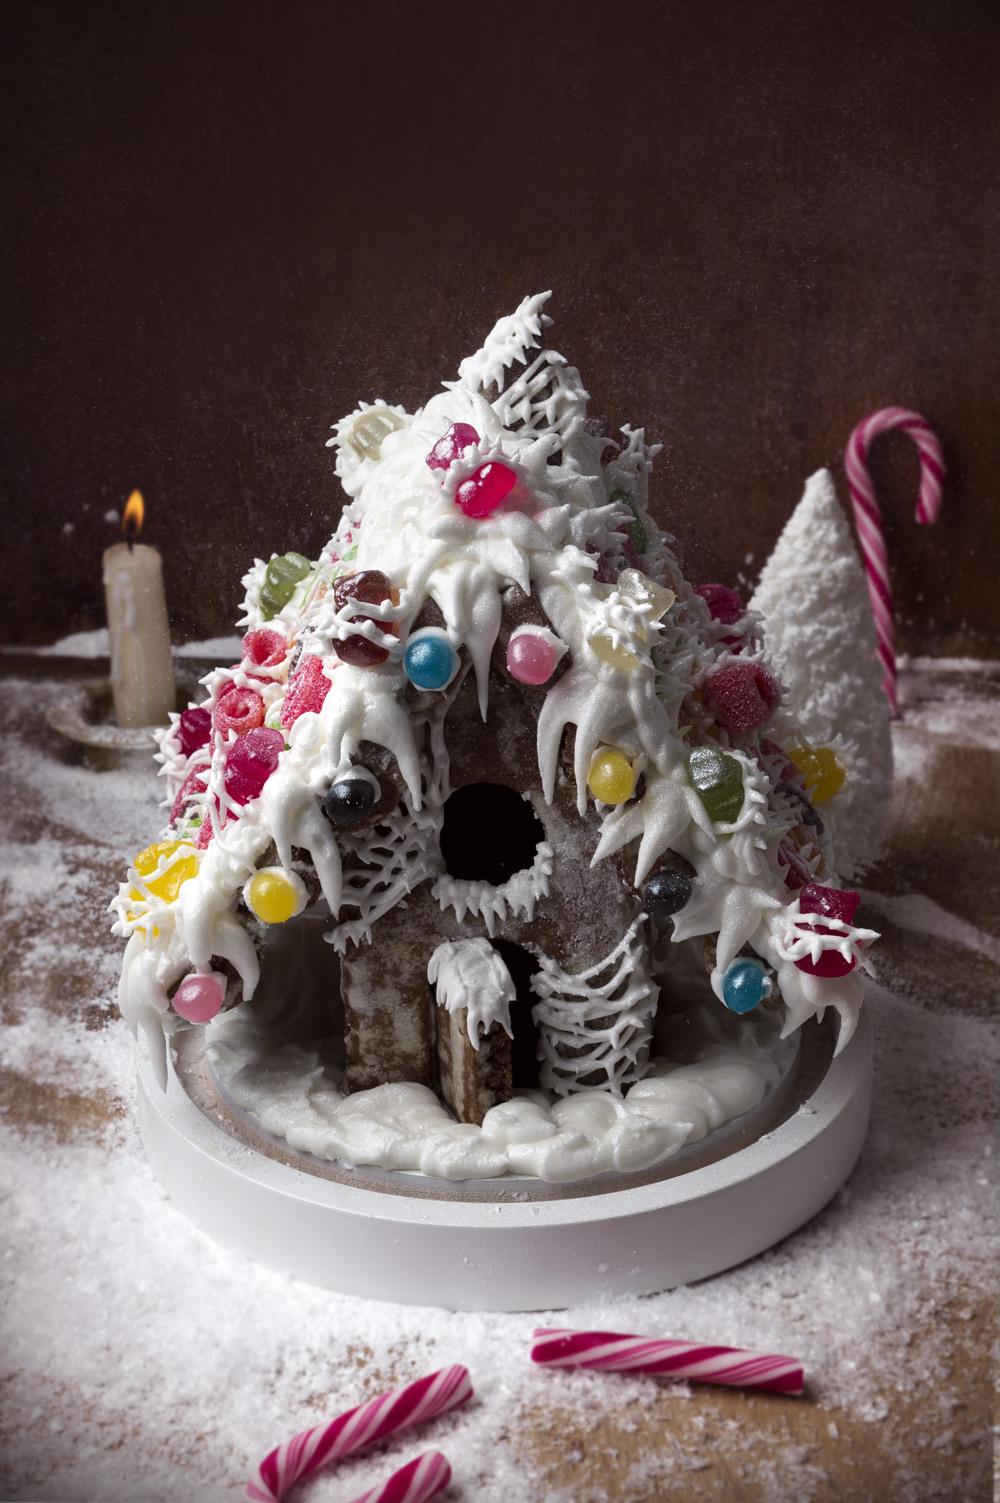 la-maison-de-pain-depices-gingerbread-house-qui-a-vole-les-tartes-studio-de-creation